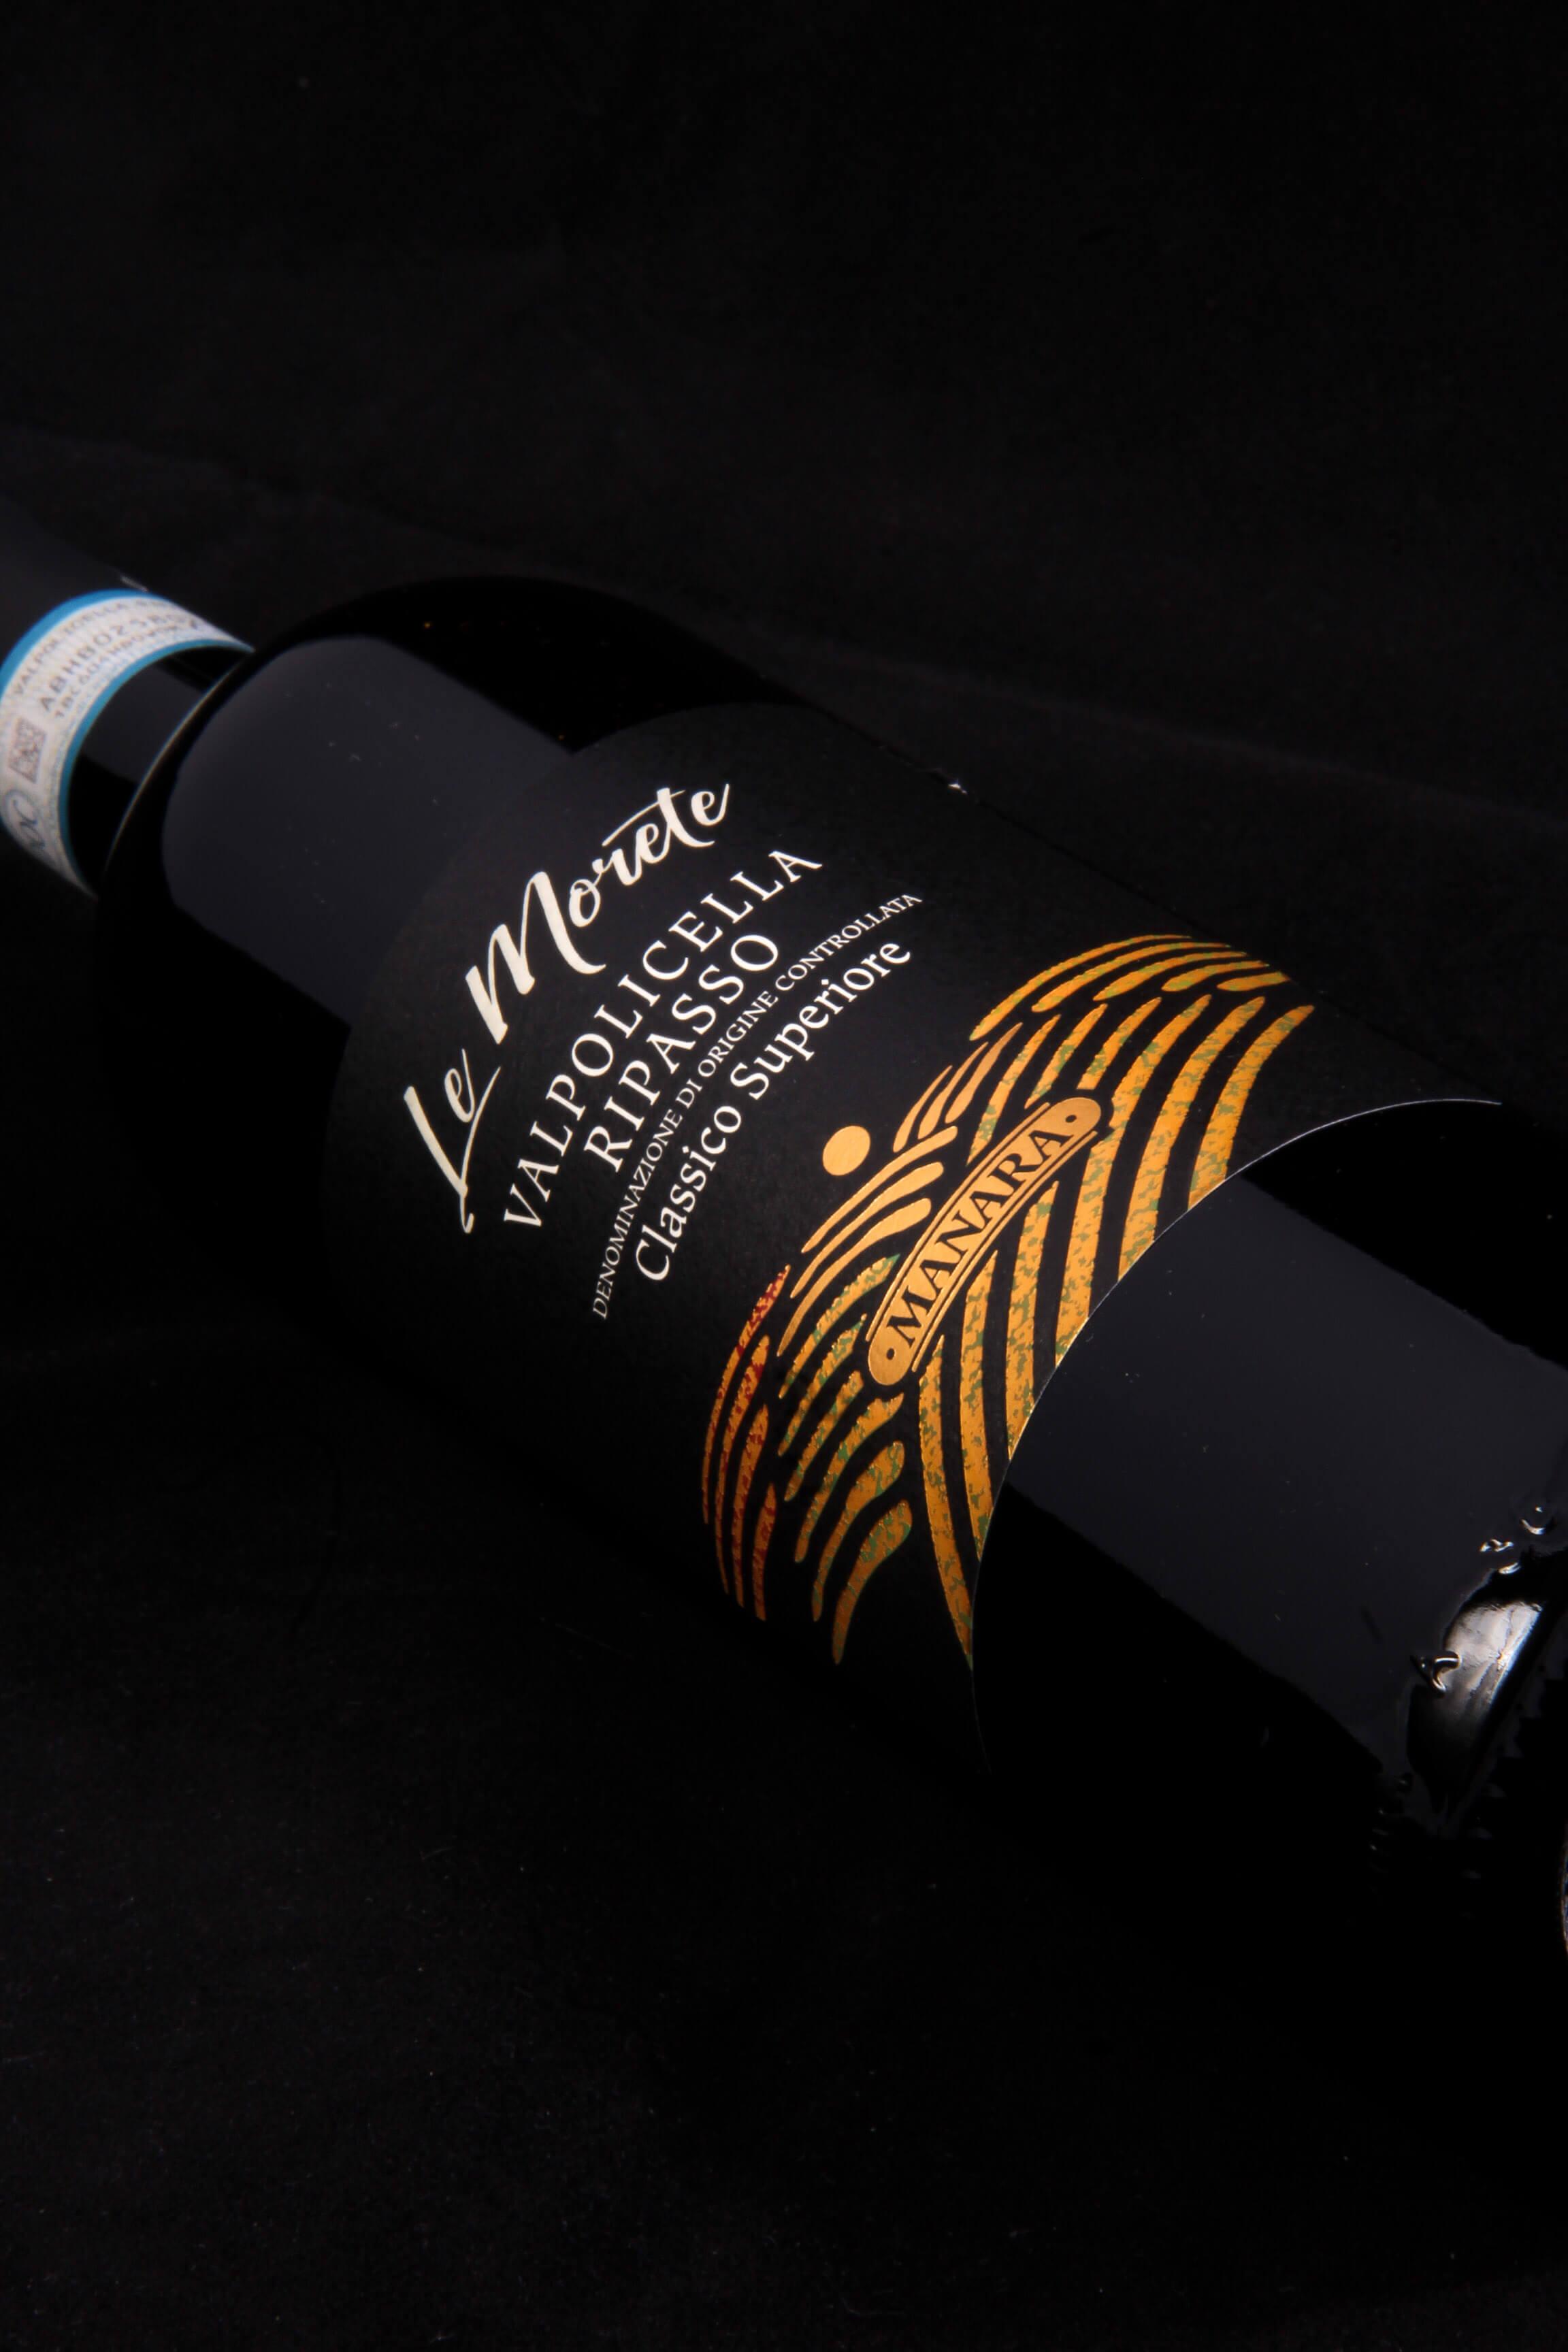 vino_nostrum-importadora_de_vinos_y_alimentos_ok12